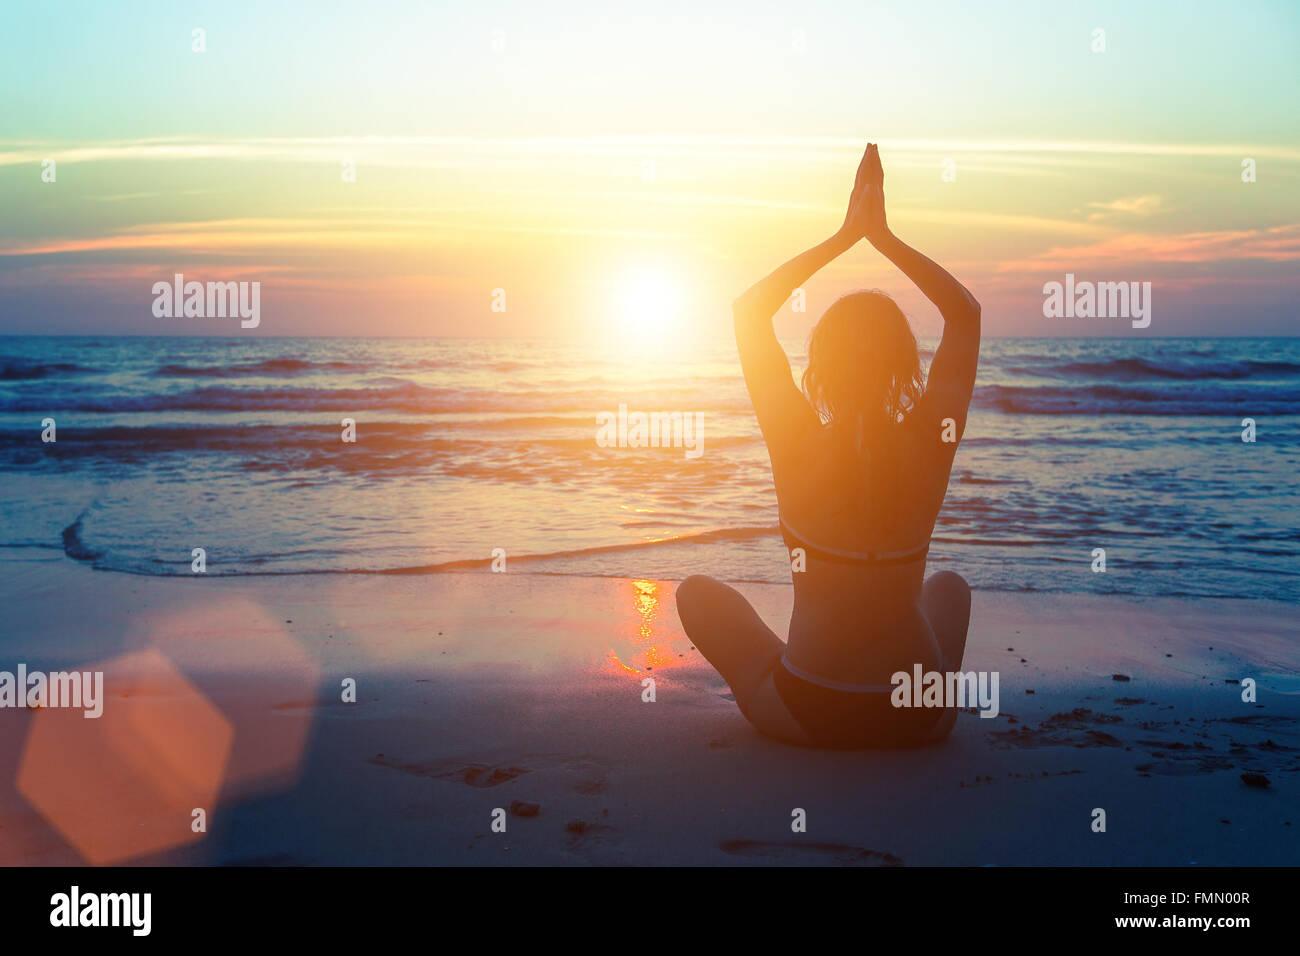 Silhouette der Frau praktizieren Yoga am Meeresstrand. Stockbild